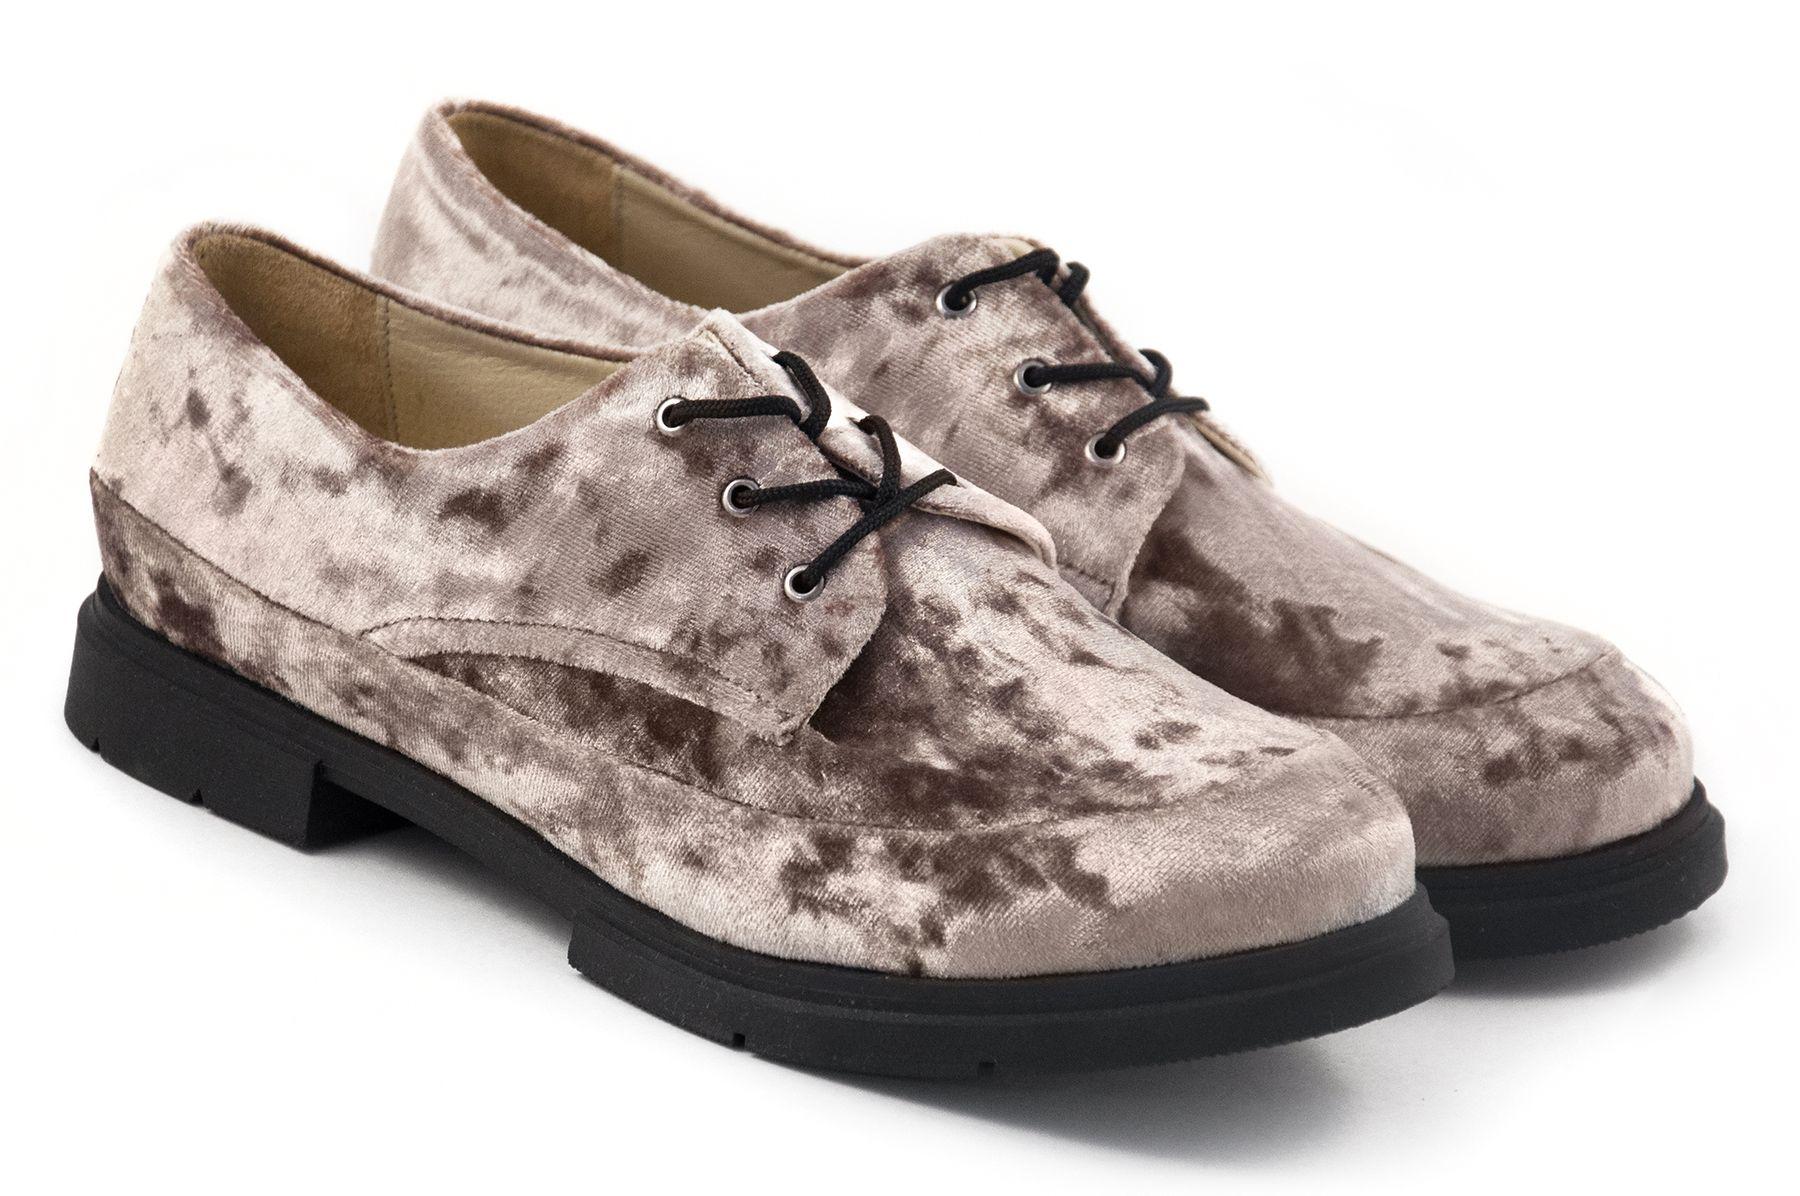 Туфлі з оксамиту купити в інтернет-магазині Wladna. Замовити Туфлі з ... a7a0c8916da3c